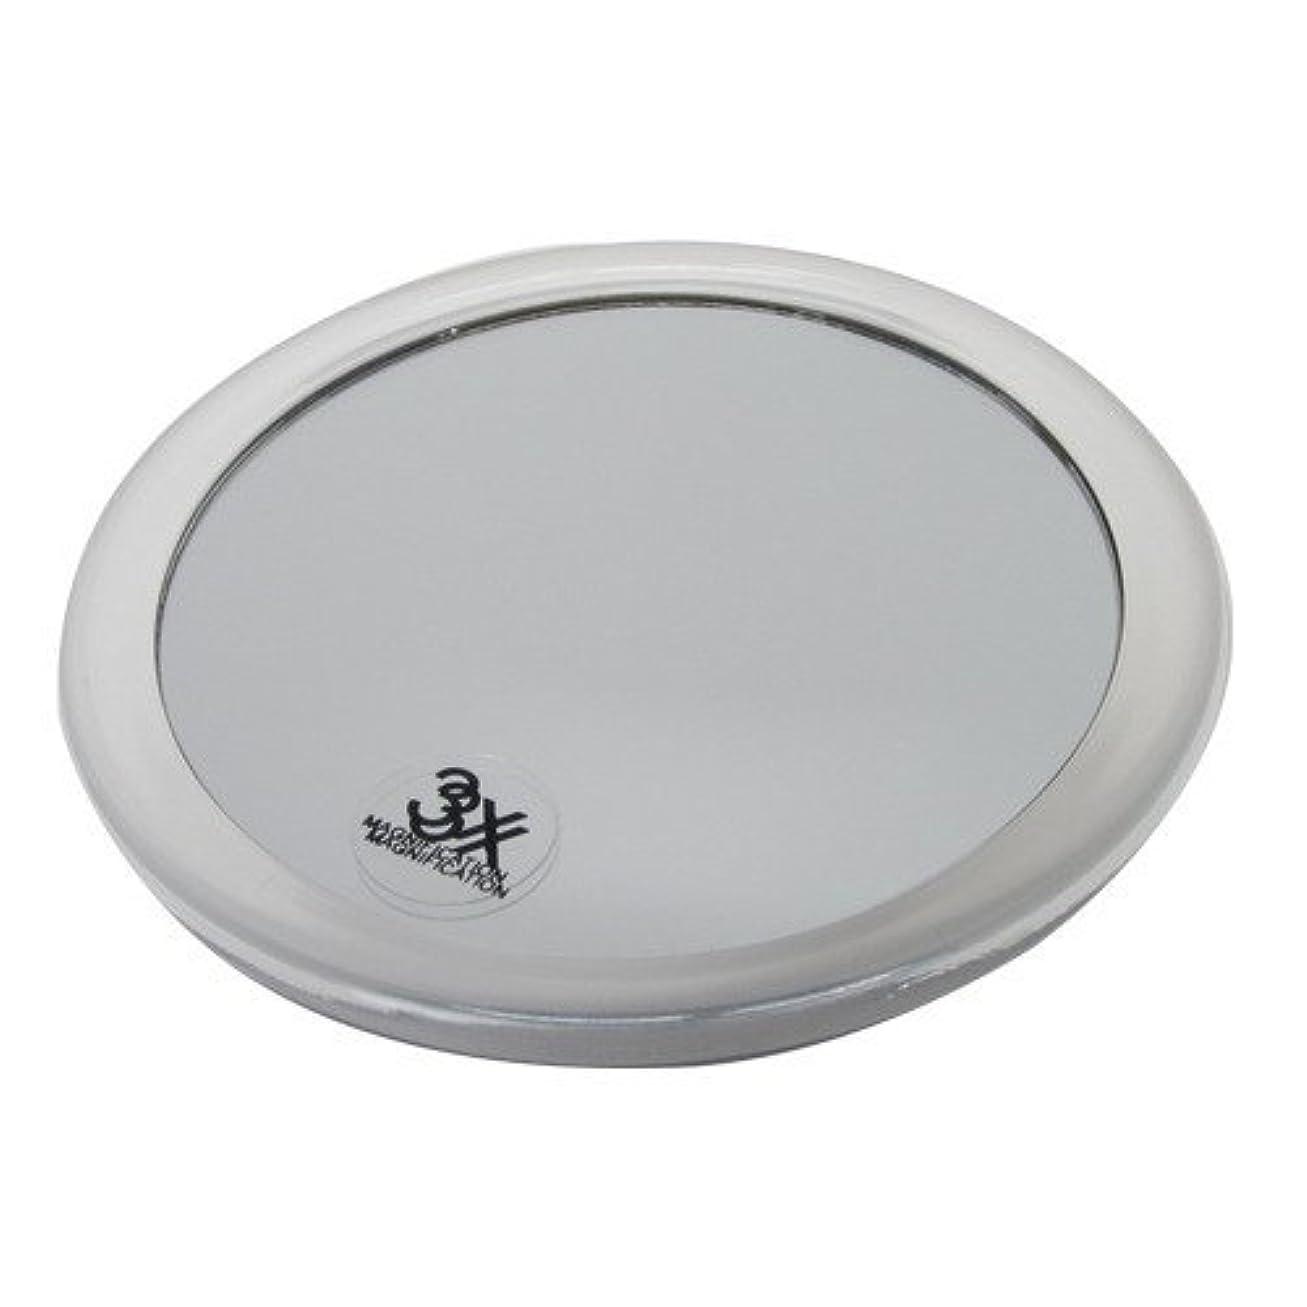 マークされた調和のとれた混合した吸盤付コスメティックズームミラー 3倍拡大鏡付き